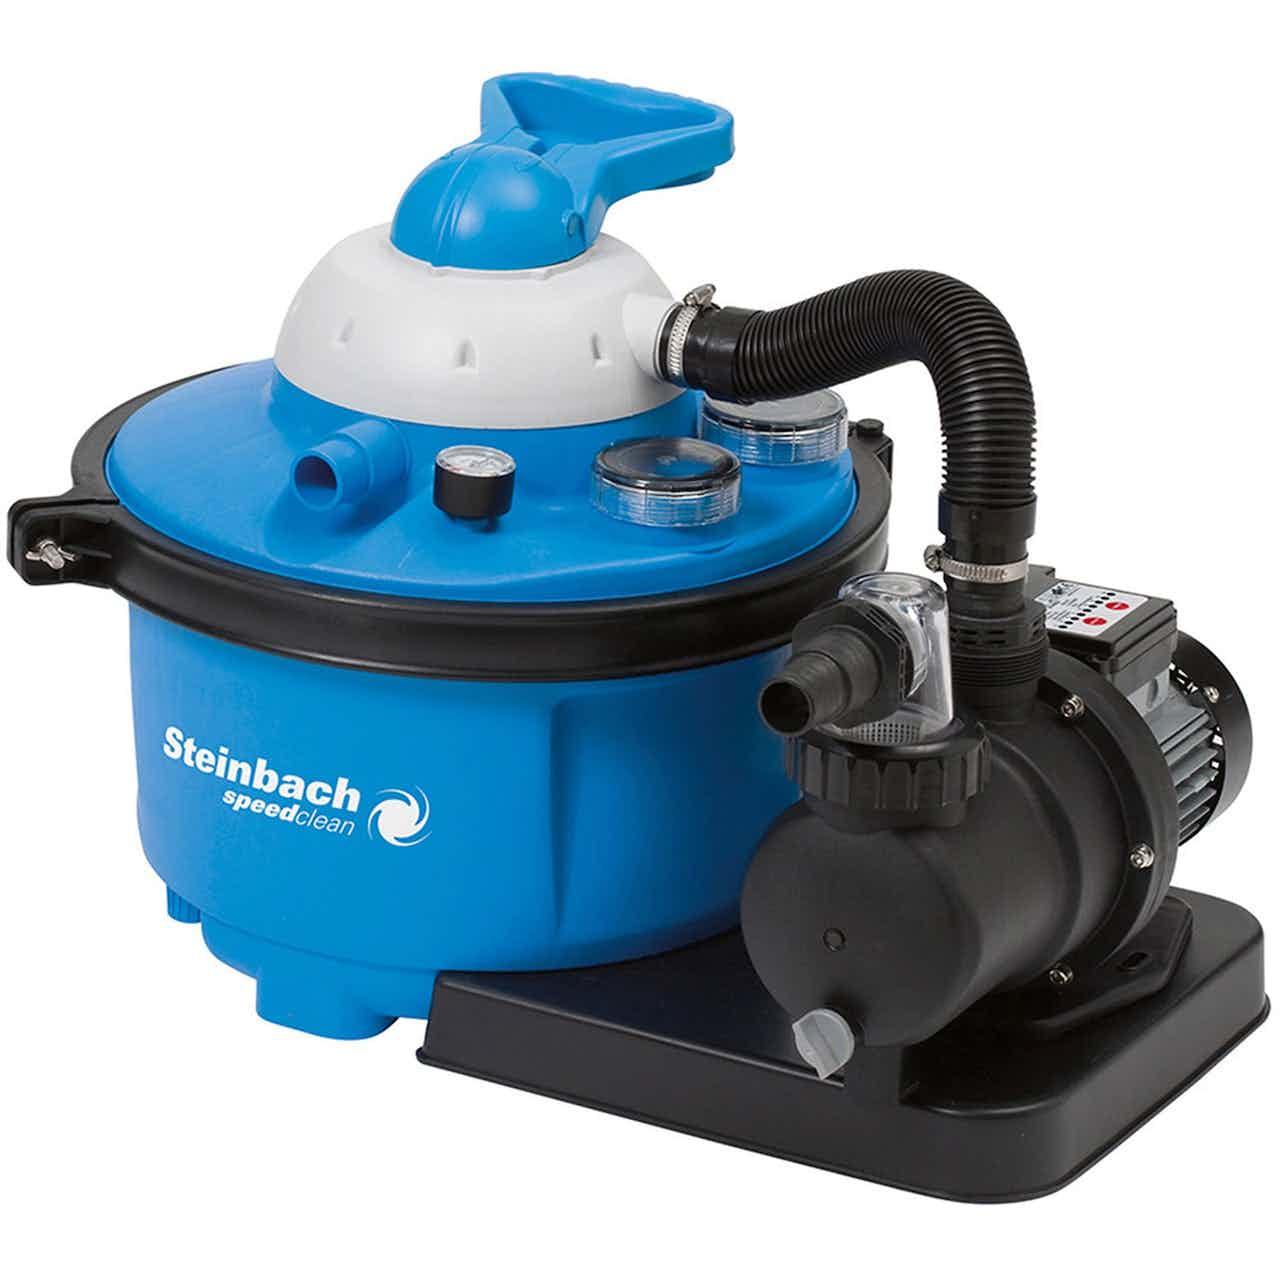 Steinbach Sandfilteranlage Speed Clean Comfort 50 für Pools bis 33 m³ 450 W